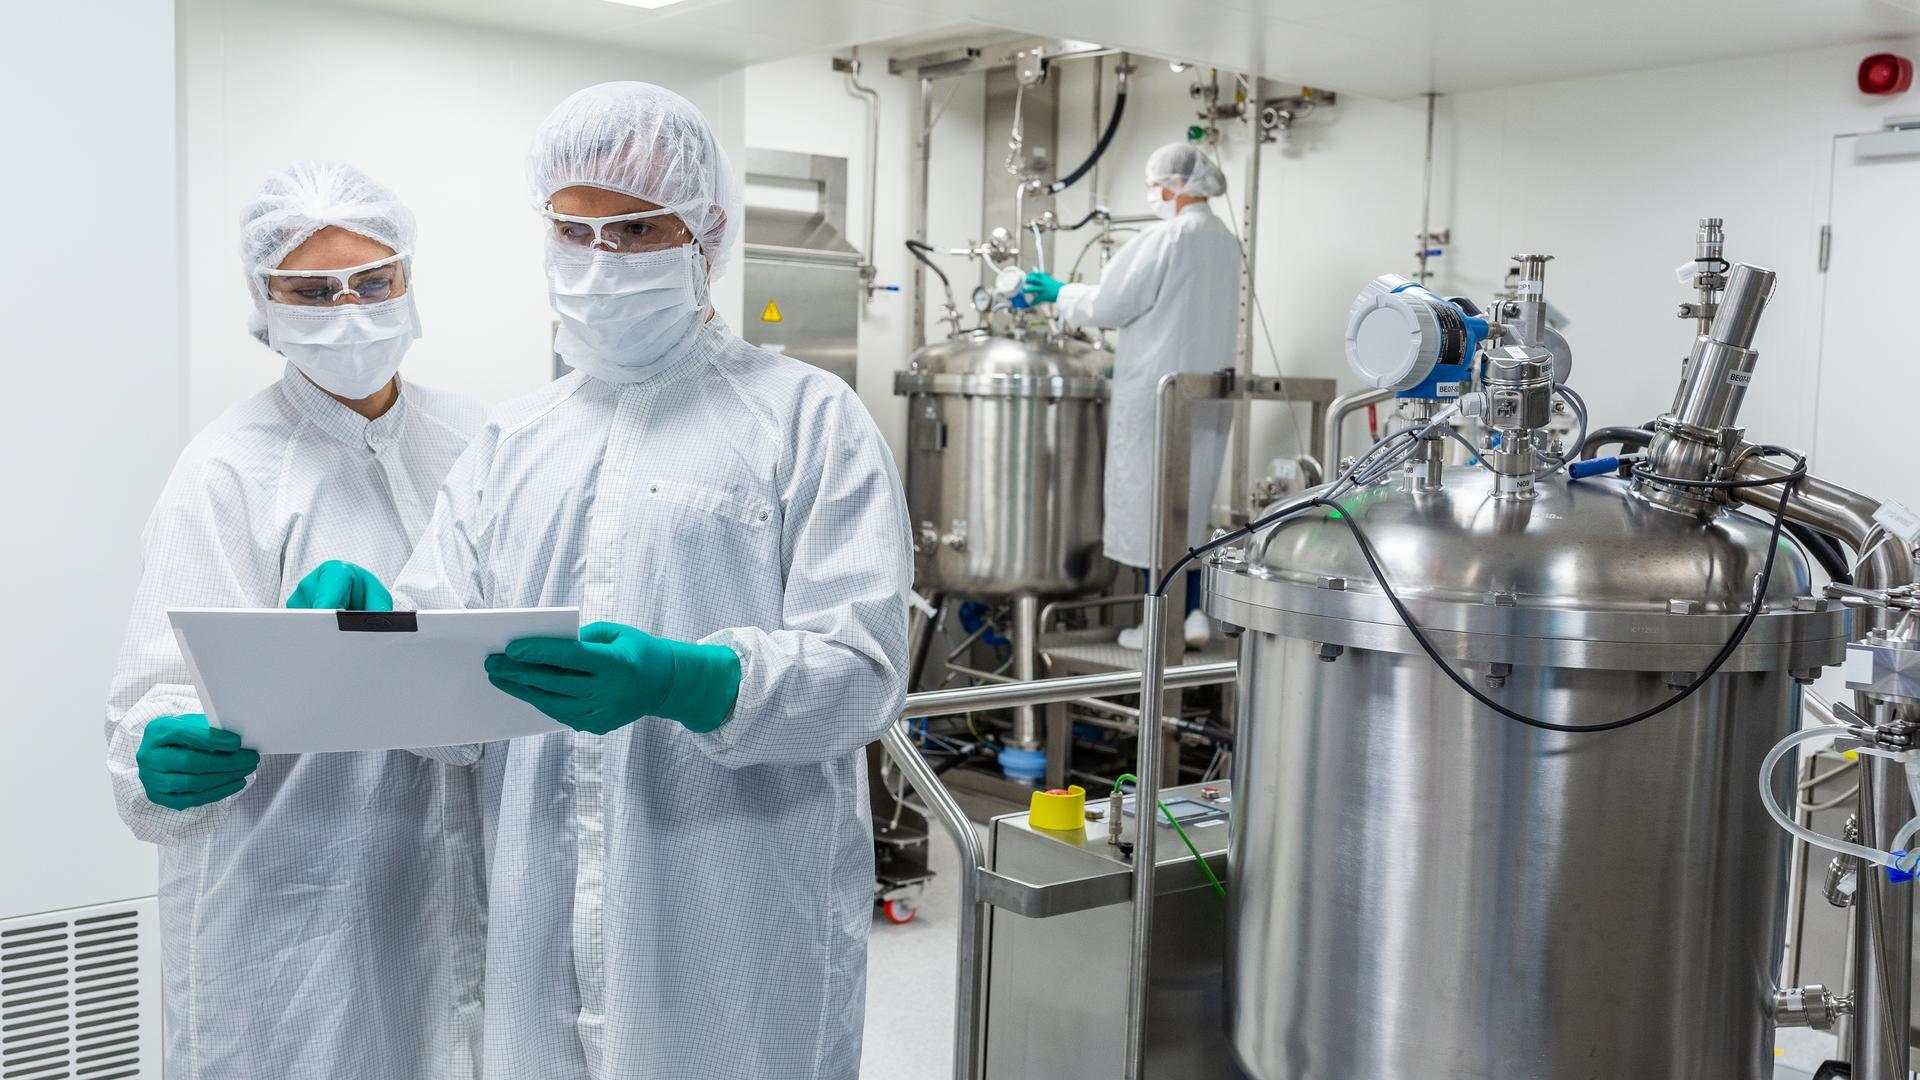 Komplex und anspruchsvoll: Die Corona-Impfstoffproduktion, wie hier beim Tübinger Hersteller Curevac erfordert eine hohe Expertise und gilt wegen der strengen Sicherheitsanforderungen als eine  schwierige Aufgabe.